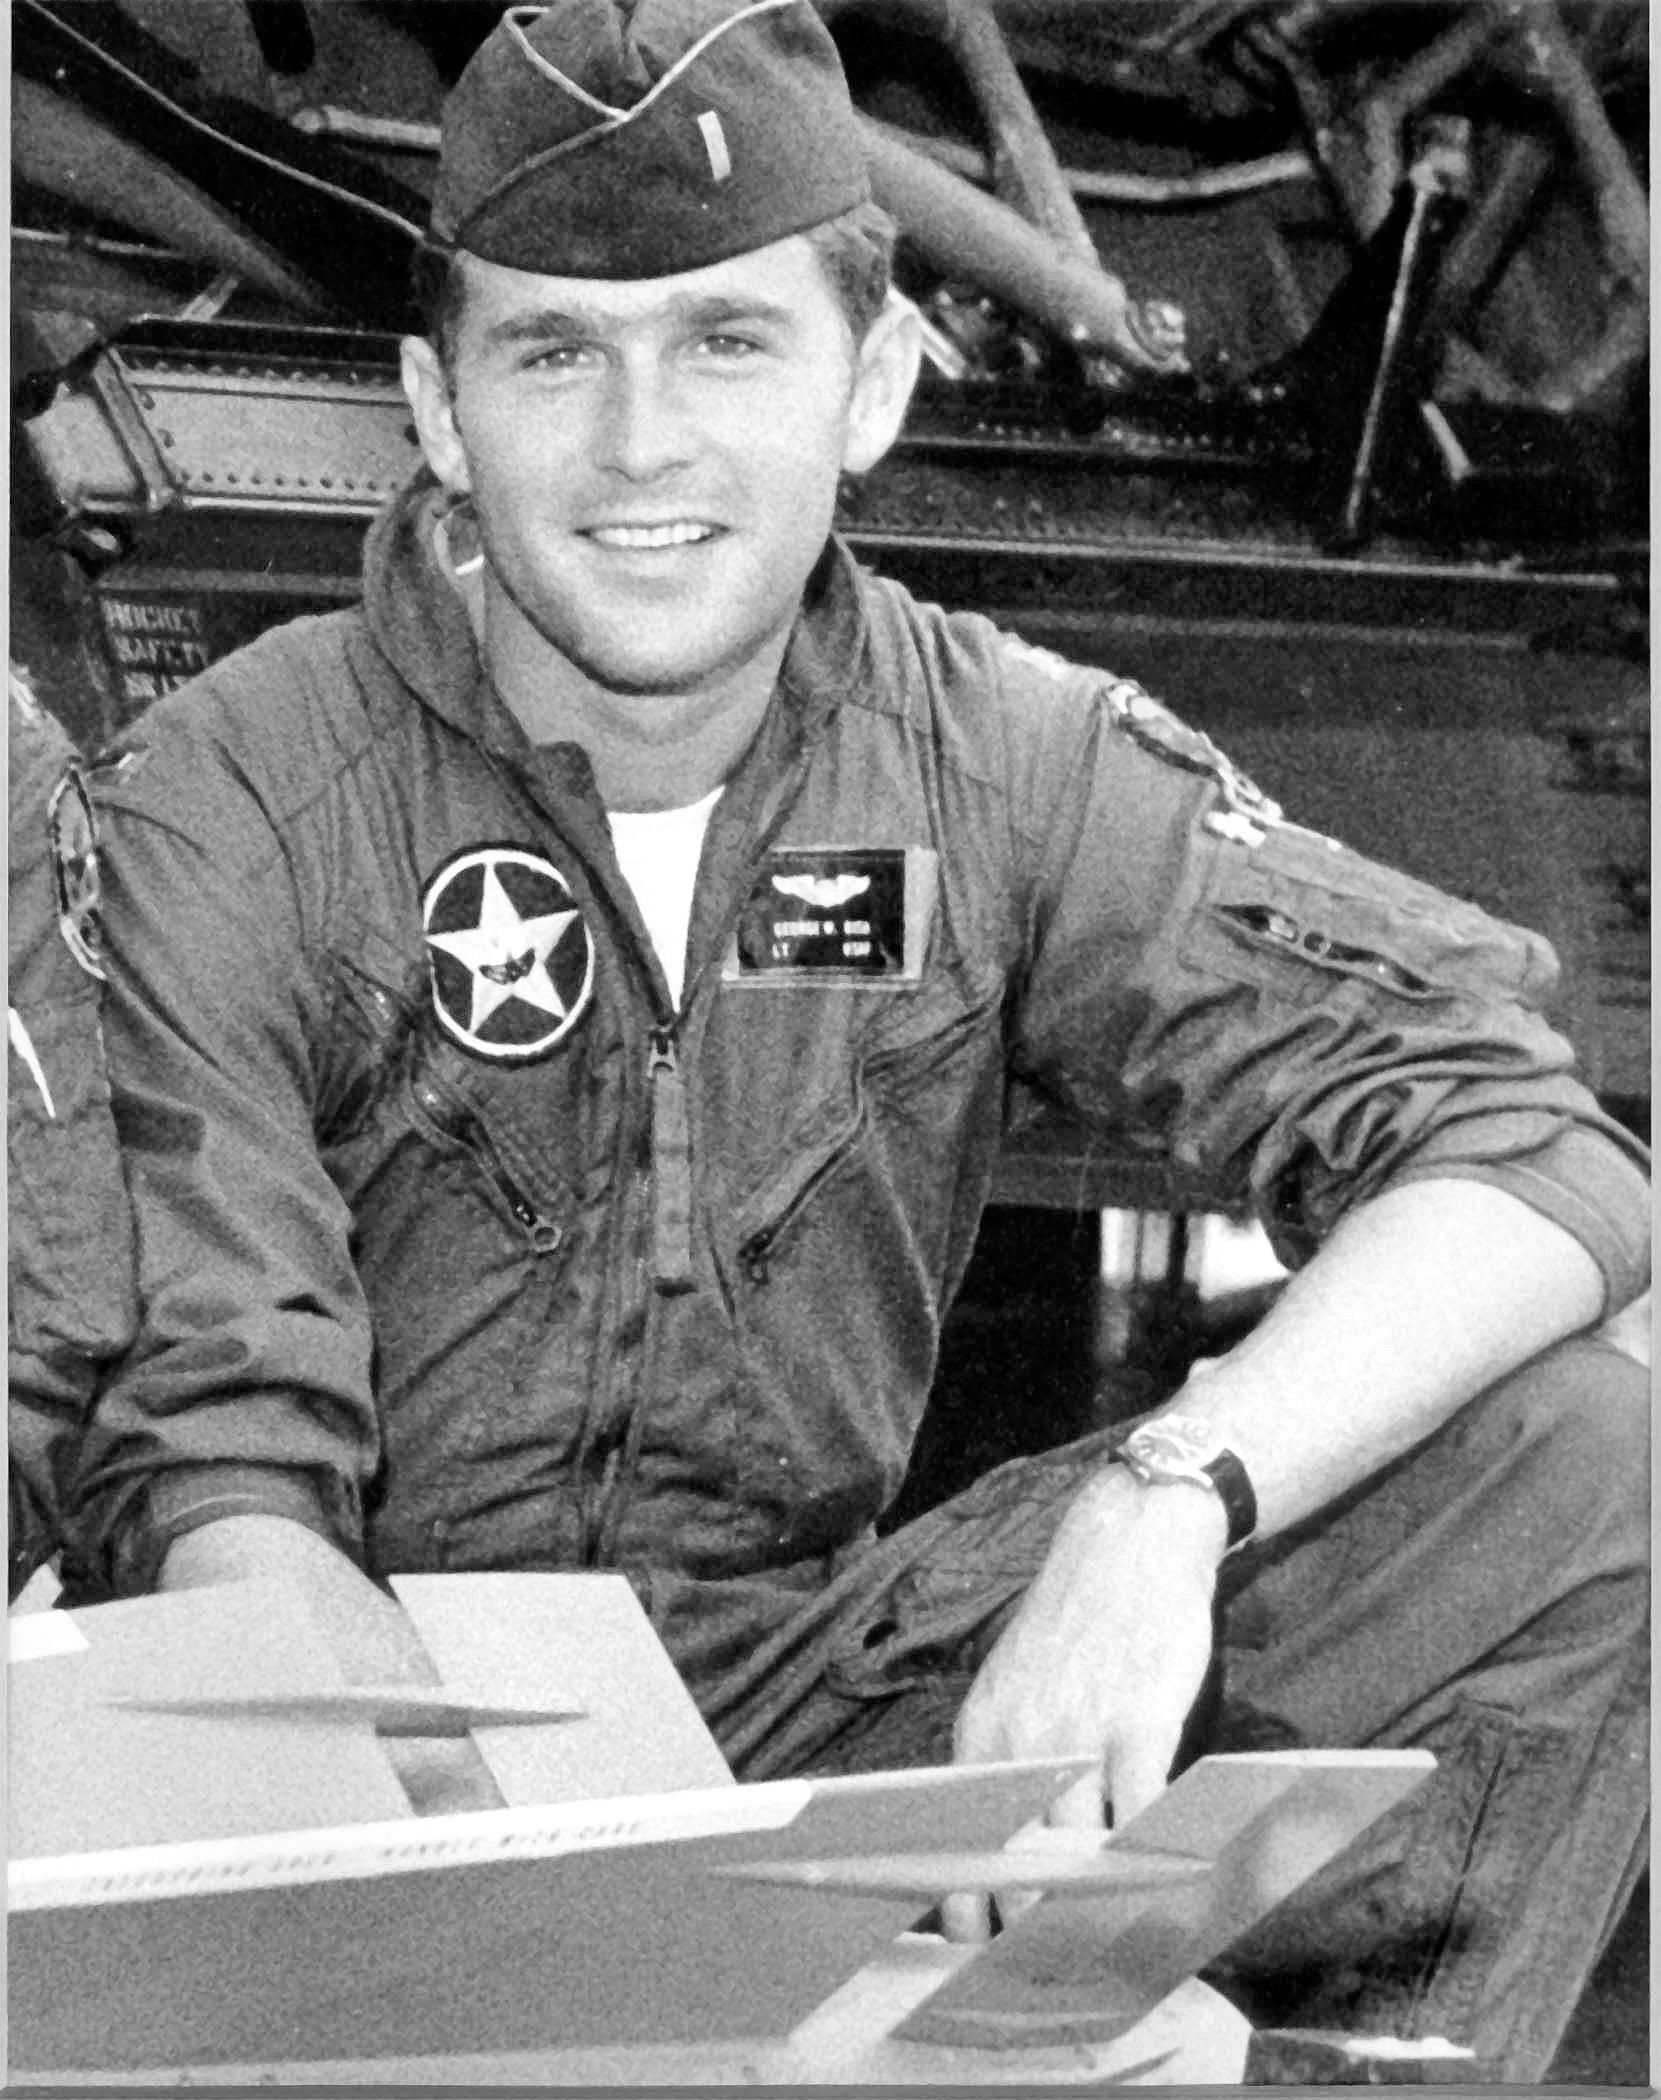 Lt. George W. Bush, Texas Air National Guard